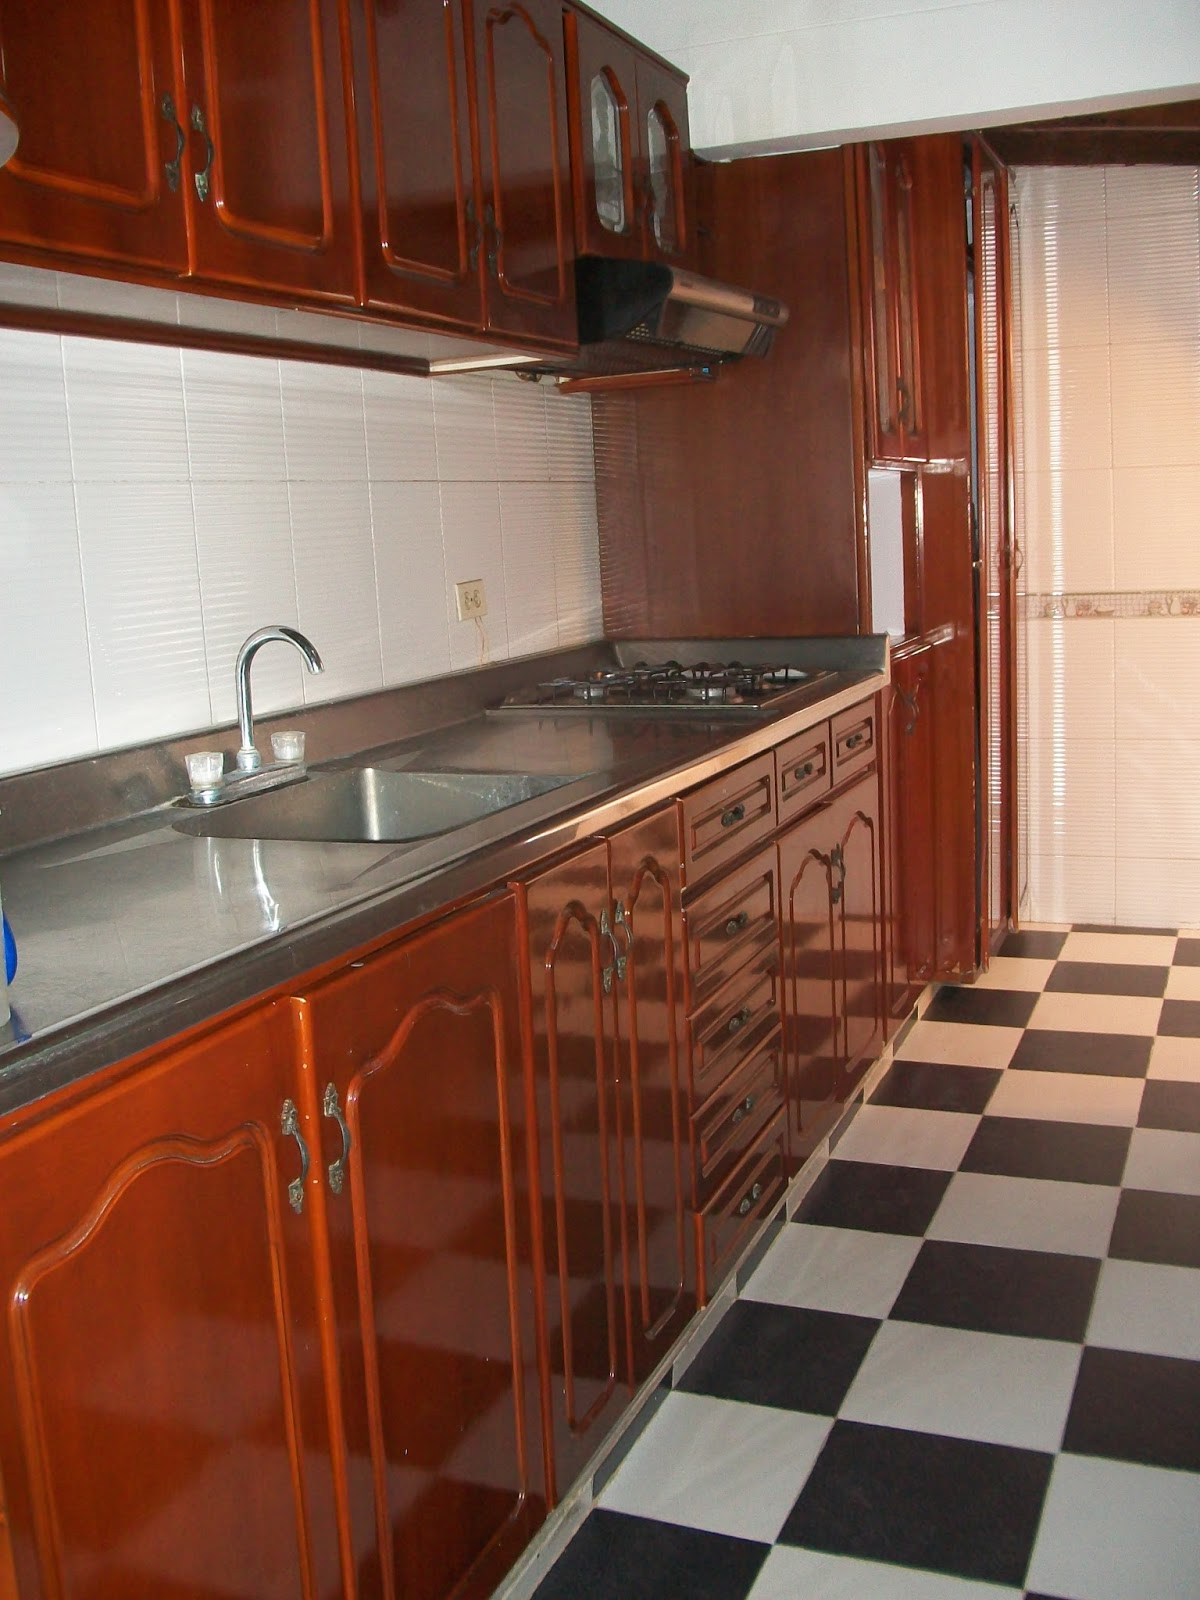 120 Cocinas Integrales De Madera  cocinas de madera en